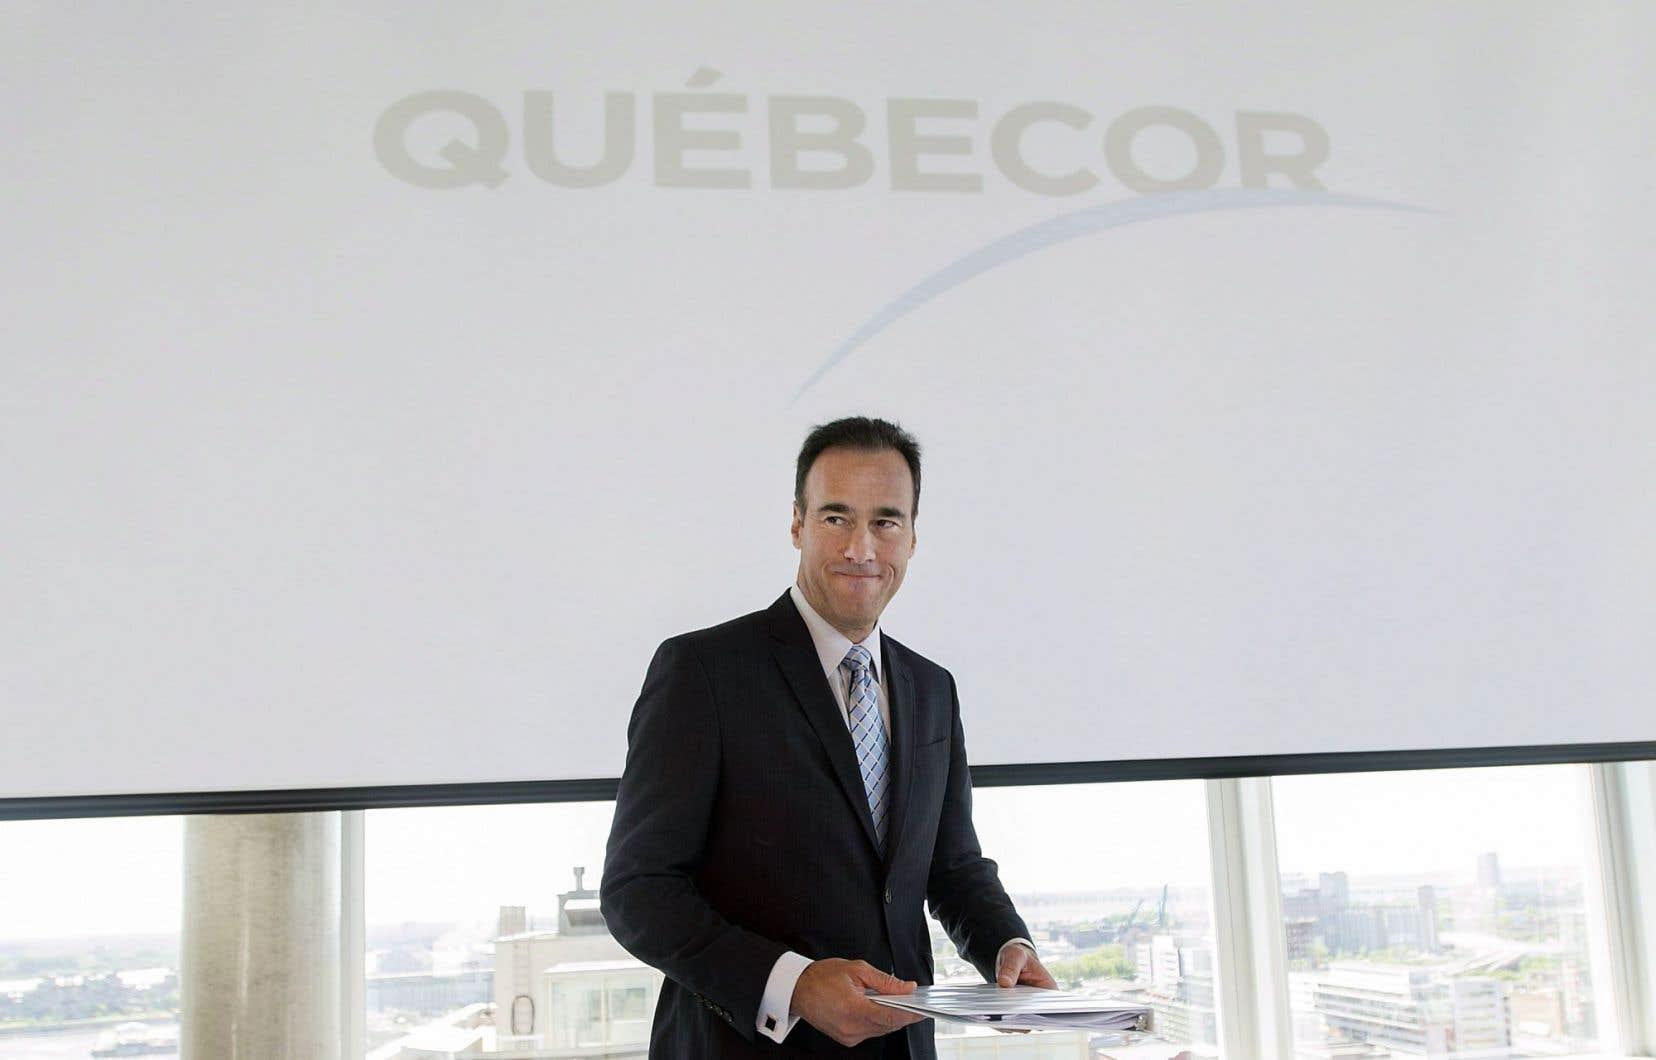 Pierre Dion, président et chef de la direction de Québecor, continue d'espérer le retour des Nordiques à Québec, même si la note pourrait être plus salée que prévu pour son entreprise.